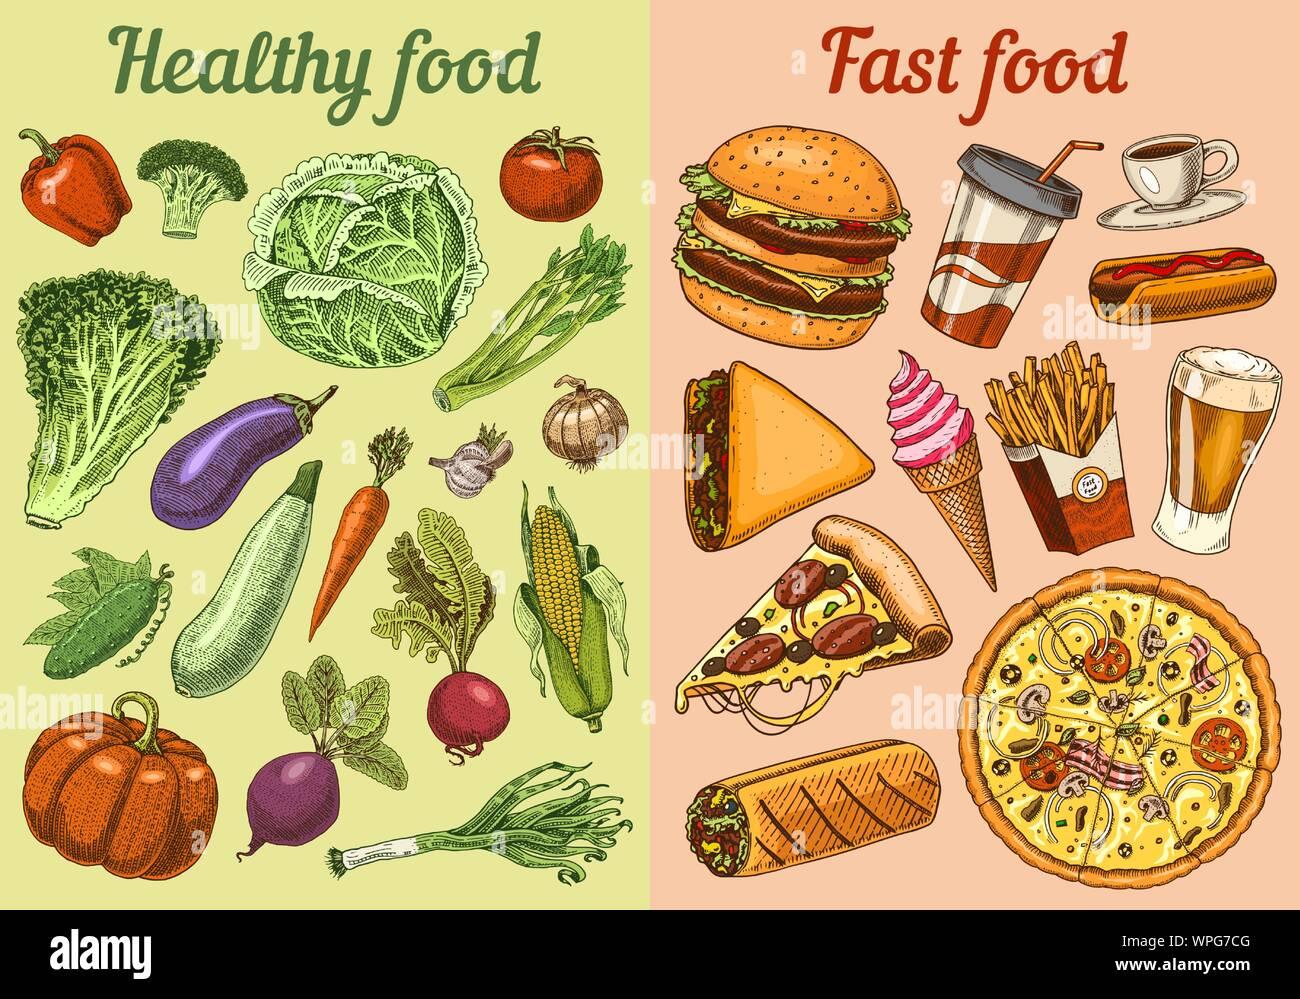 Vs Saludable Comida Chatarra Concepto Frutas Y Verduras O Rápido De La Nutrición Dieta Equilibrada Concepto De Estilo De Vida Ilustración Para La Tienda O Mercado De Granja Orgánica Imagen Vector De